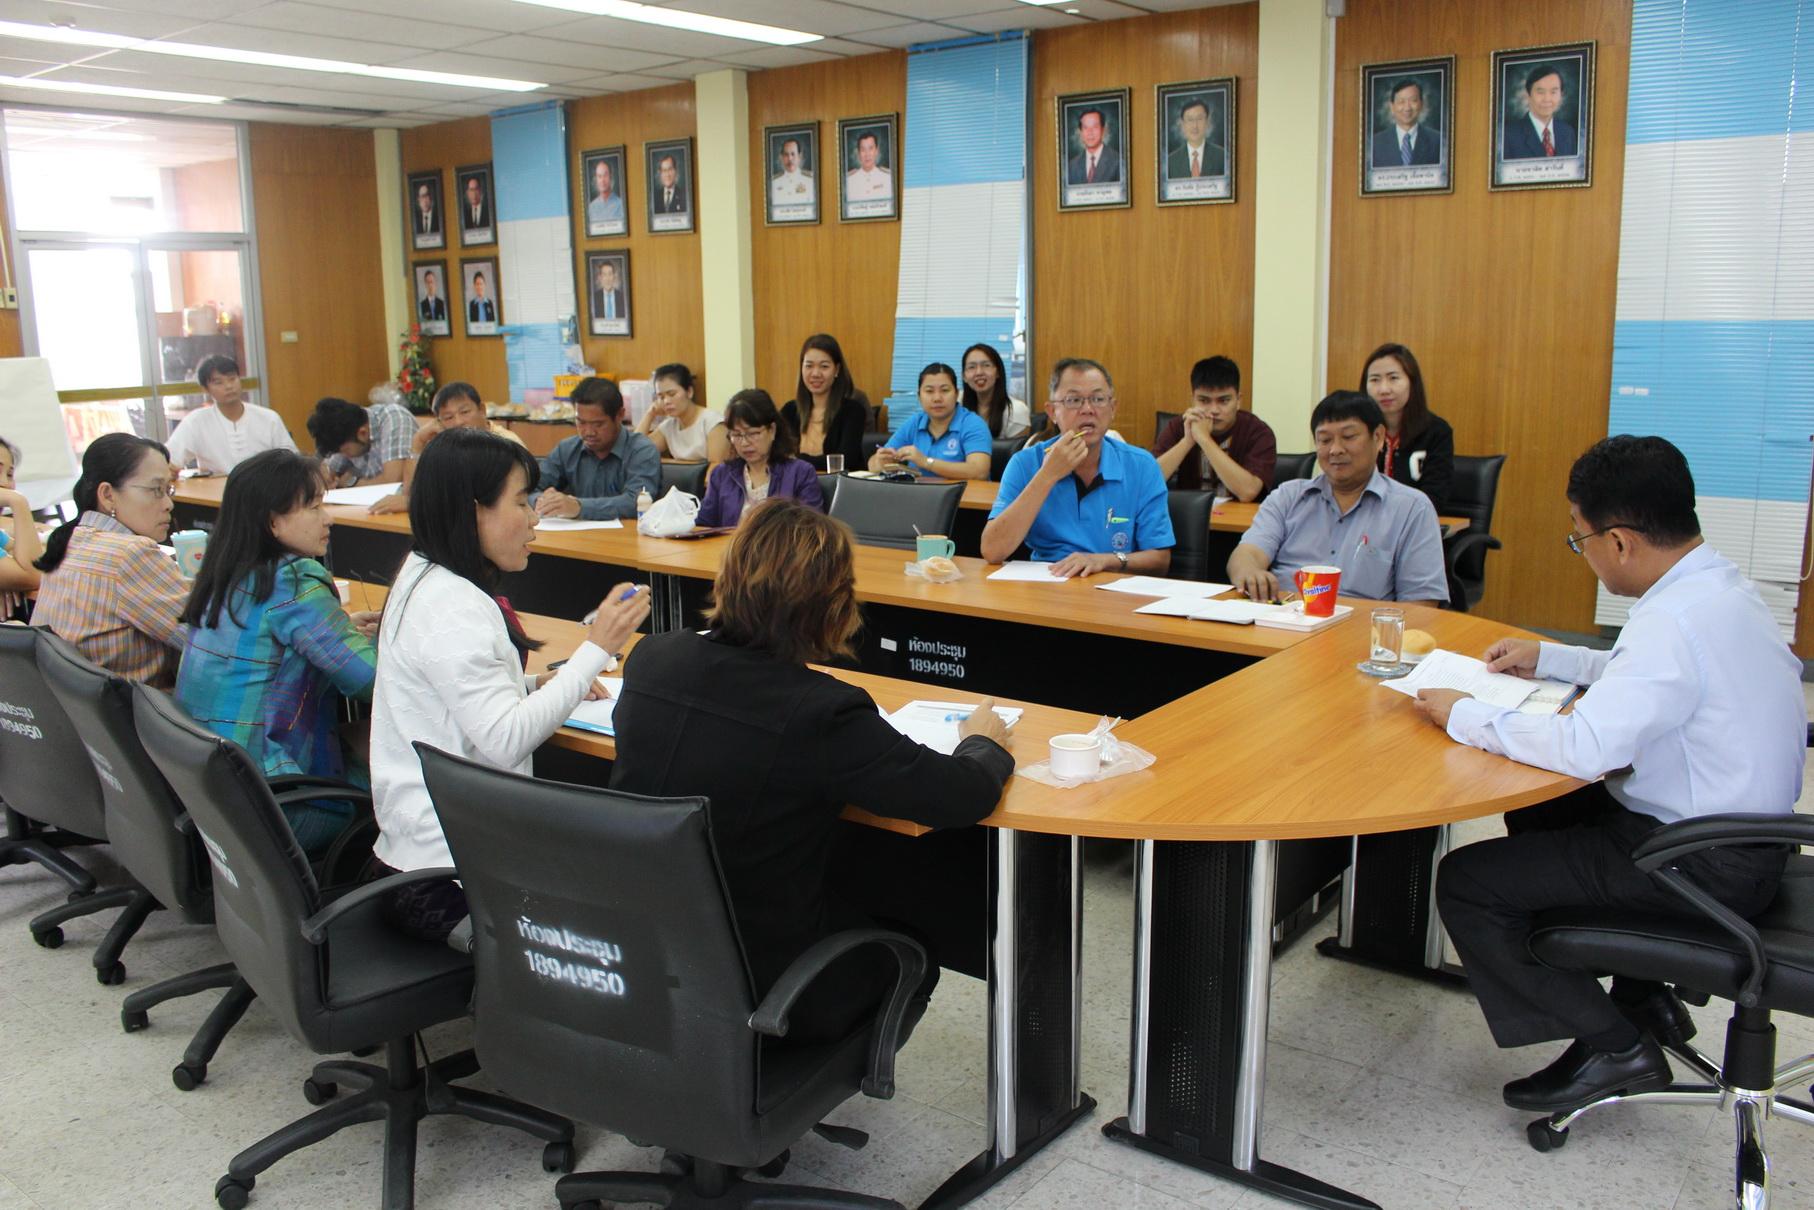 กปภ.ชลบุรี (พ) จัดกิจกรรมMorning Talk ประจำเดือนกุมภาพันธ์ 2561